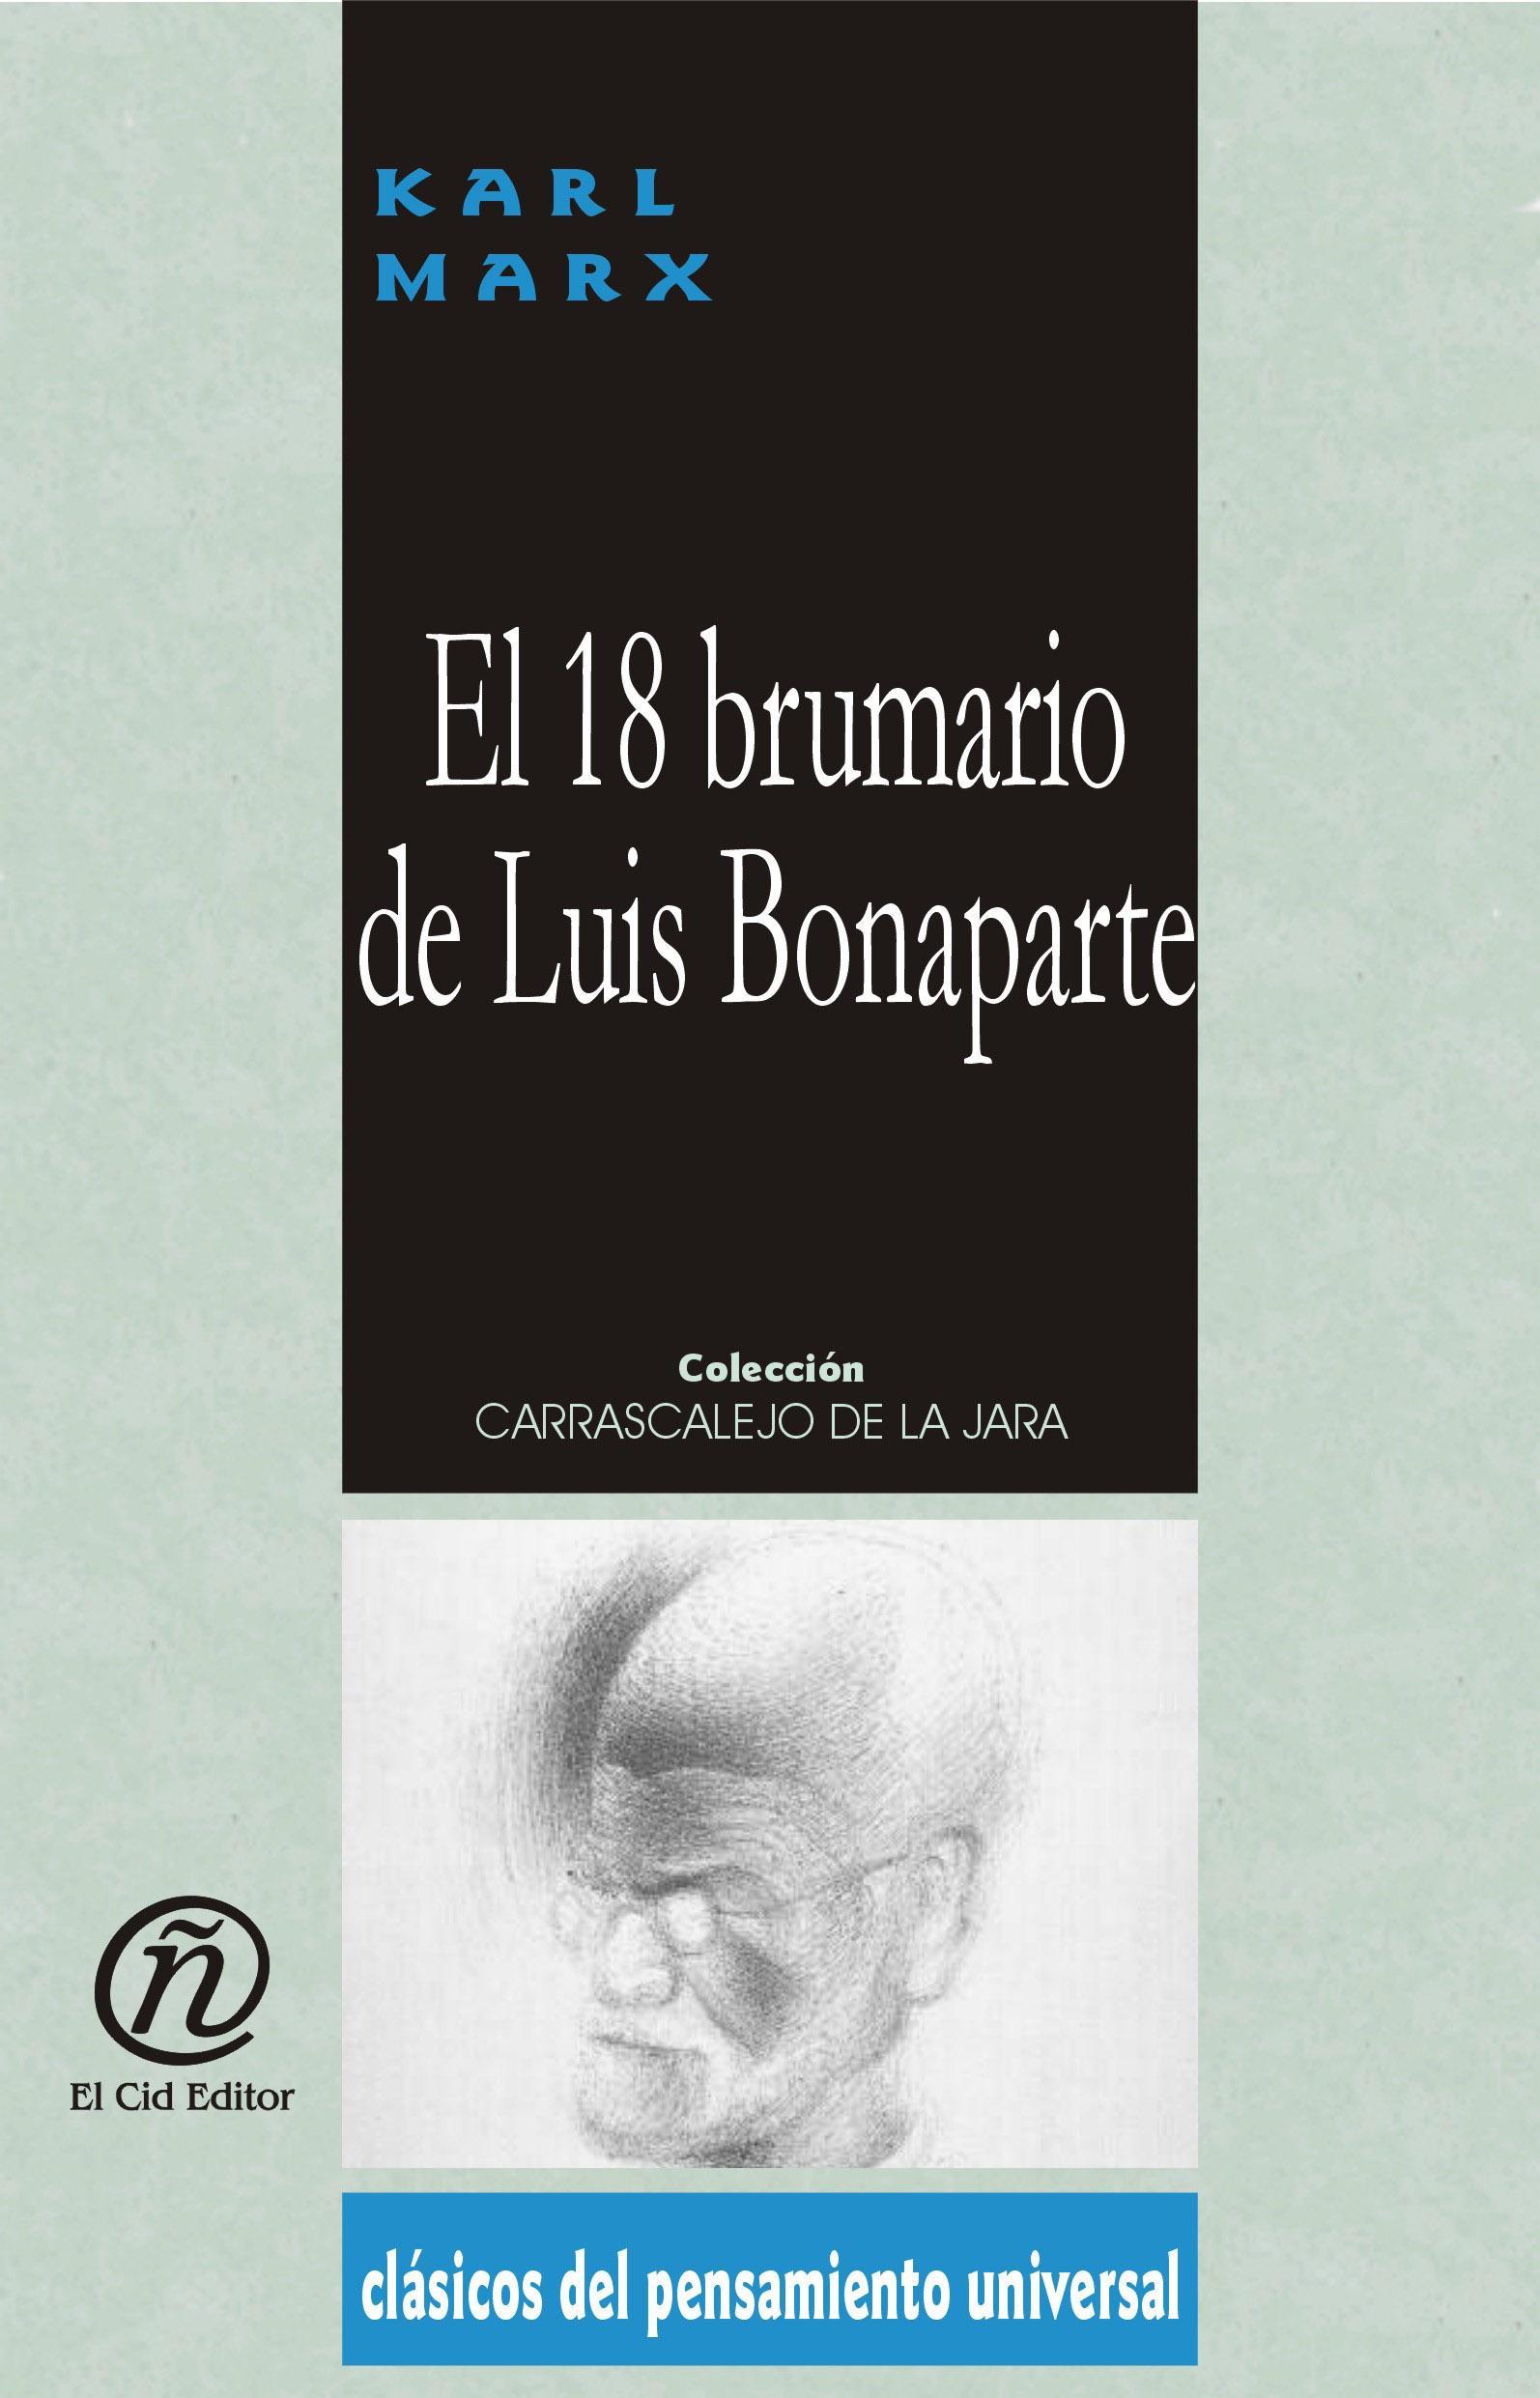 El 18 brumario de Luis Bonaparte: Colecci?n de Cl?sicos del Pensamiento Universal